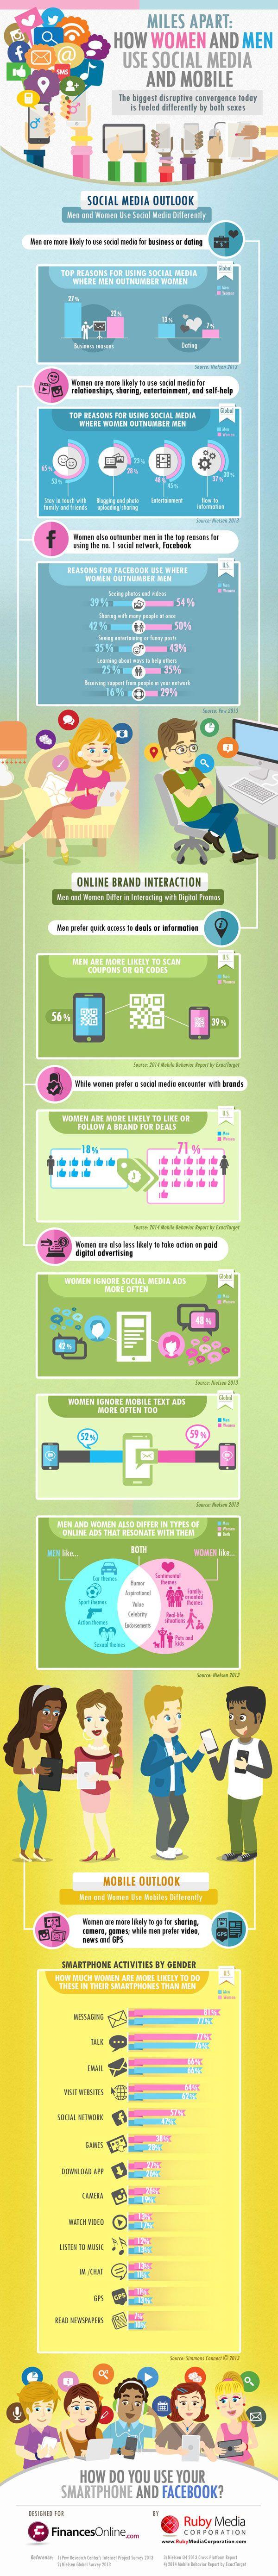 Uso di #socialnetwork e #mobile: le differenze tra uomini e donne